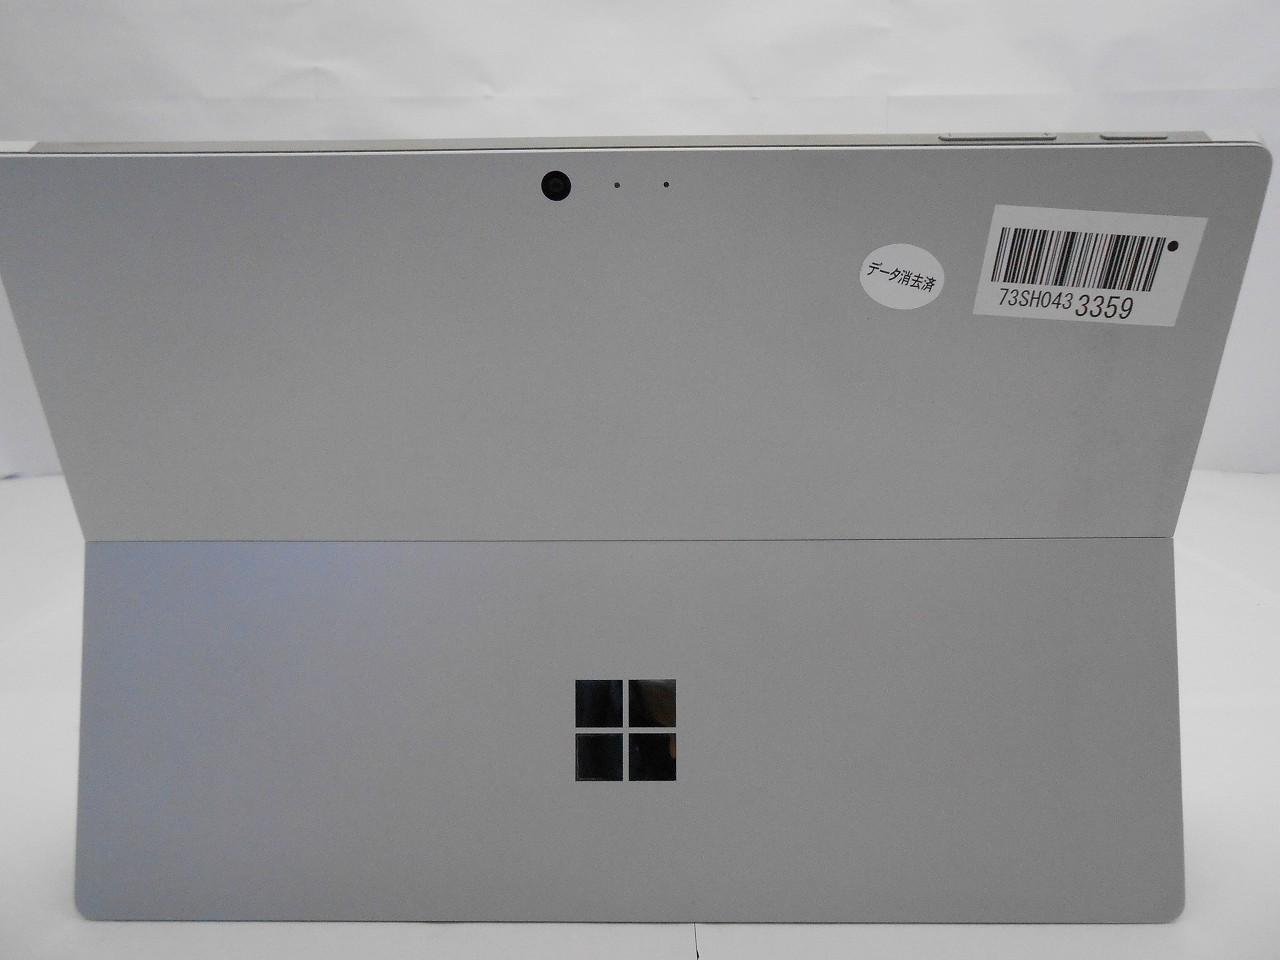 【中古】 【ACアダプタ欠品】Microsoft Surface Pro4/2015年モデル/Corei5 6300U 2.4GHz/メモリ4GB/SSD128GB/12インチ/Windows10Pro【1ヶ月保証】【足立店発送】